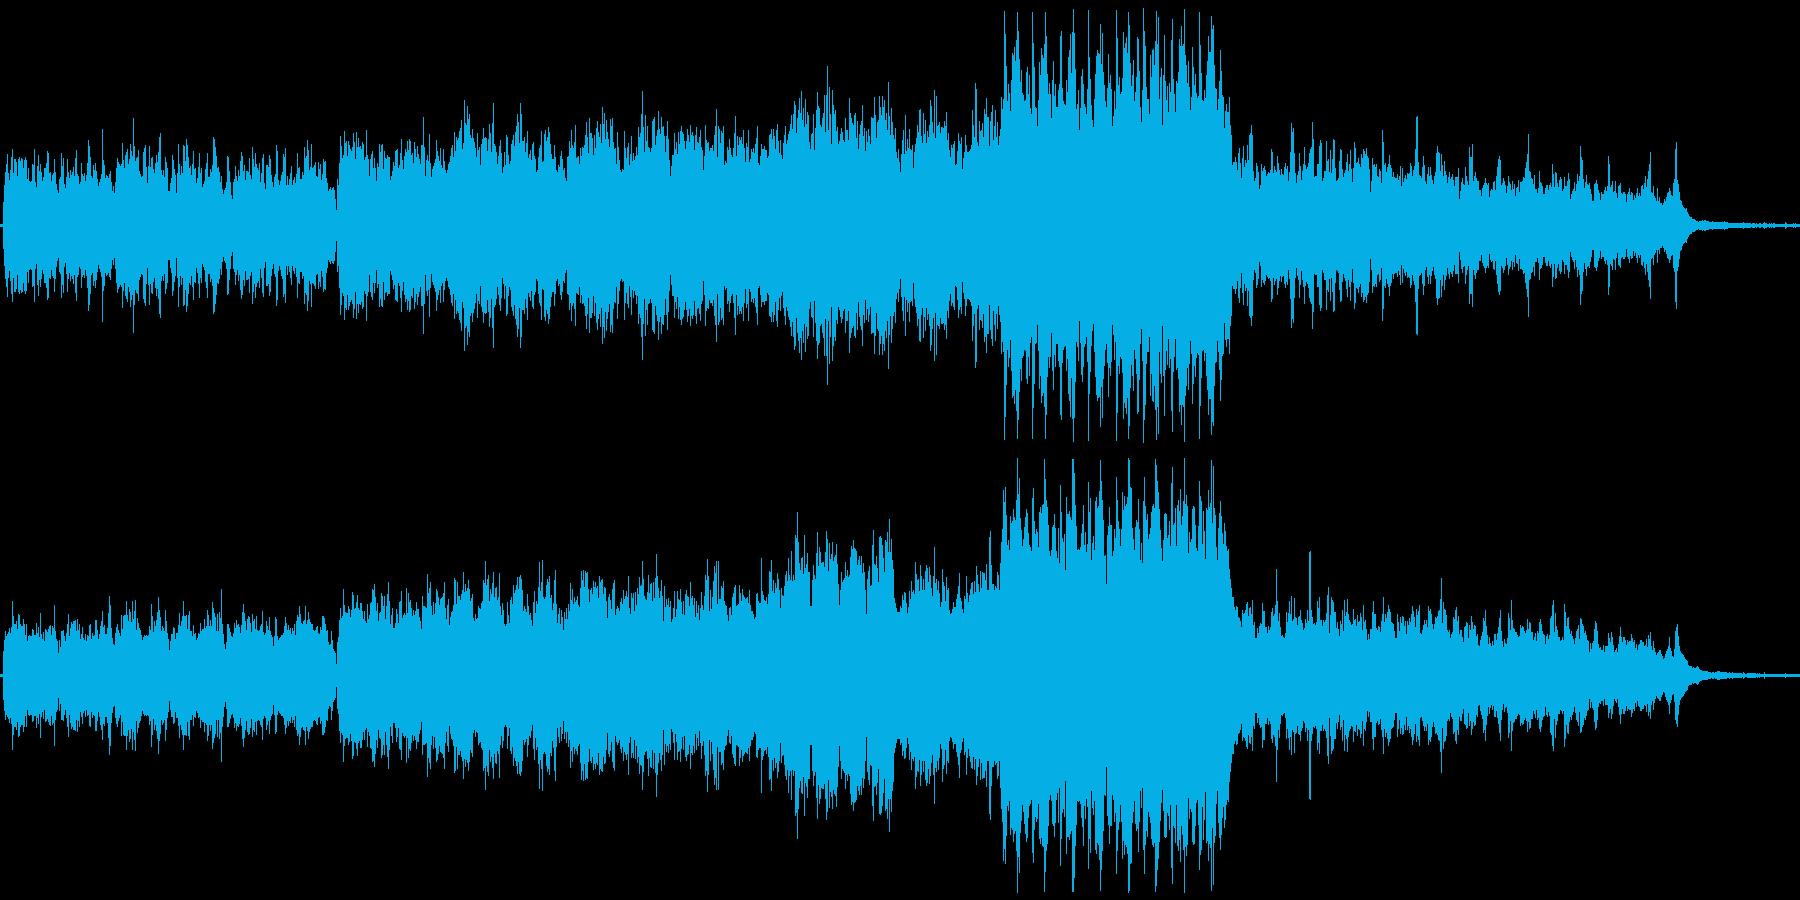 何かが始まる予感的シンフォニーの再生済みの波形